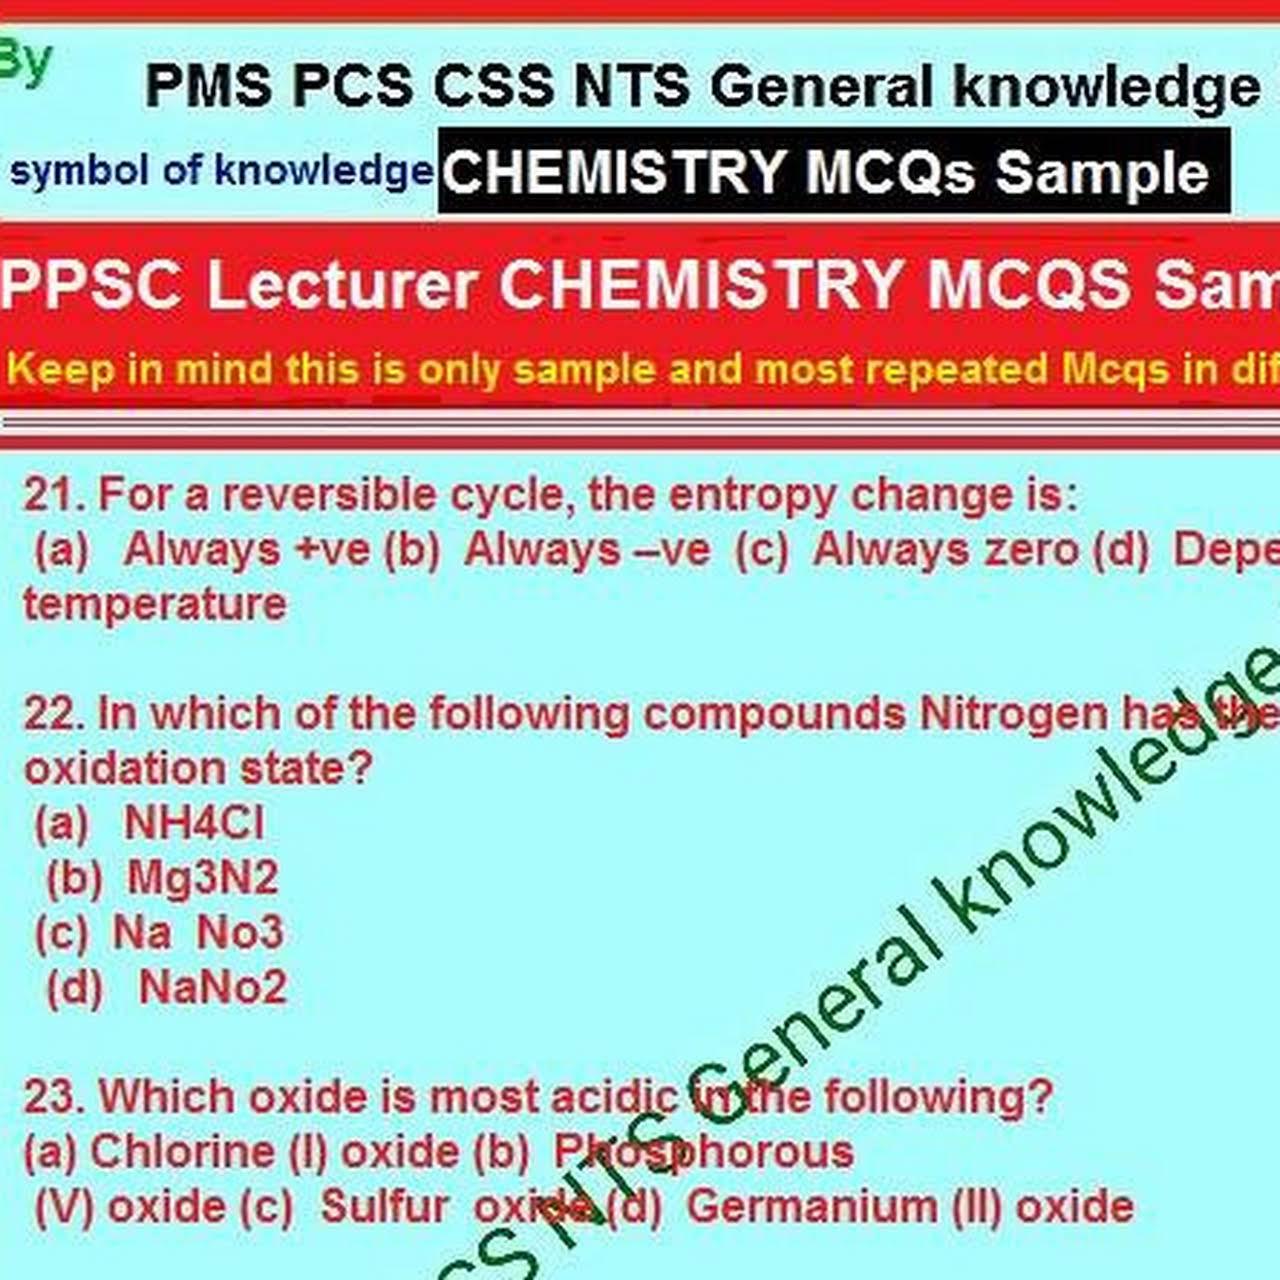 PPSC PAST PAPERS - PPSC, FPSC, NTS, OTS, SPSC, AJKPSC, KPPSC